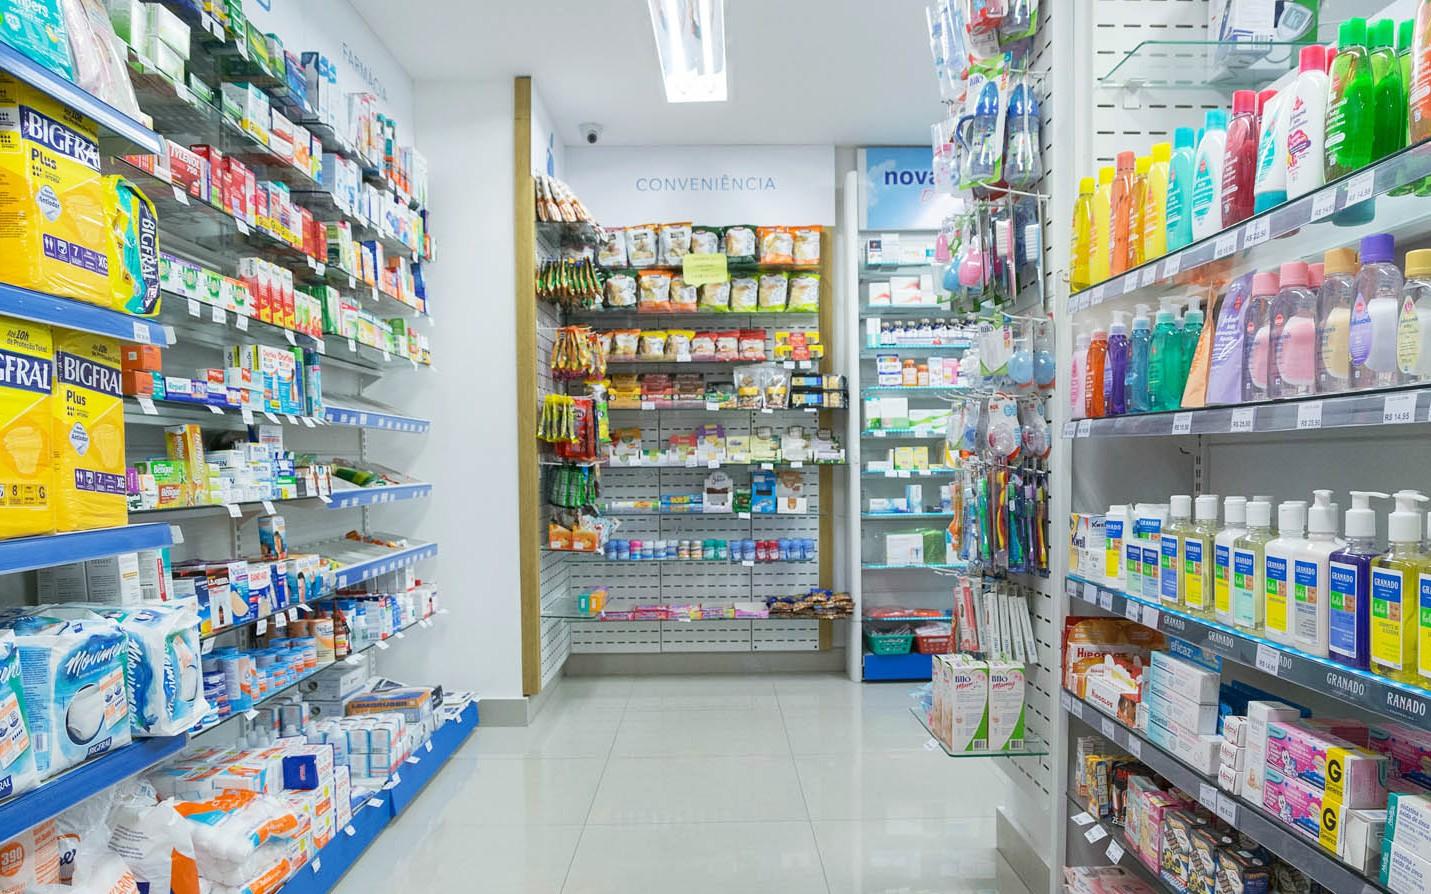 Opção para farmácia reduzir horários ou paralisar temporariamente